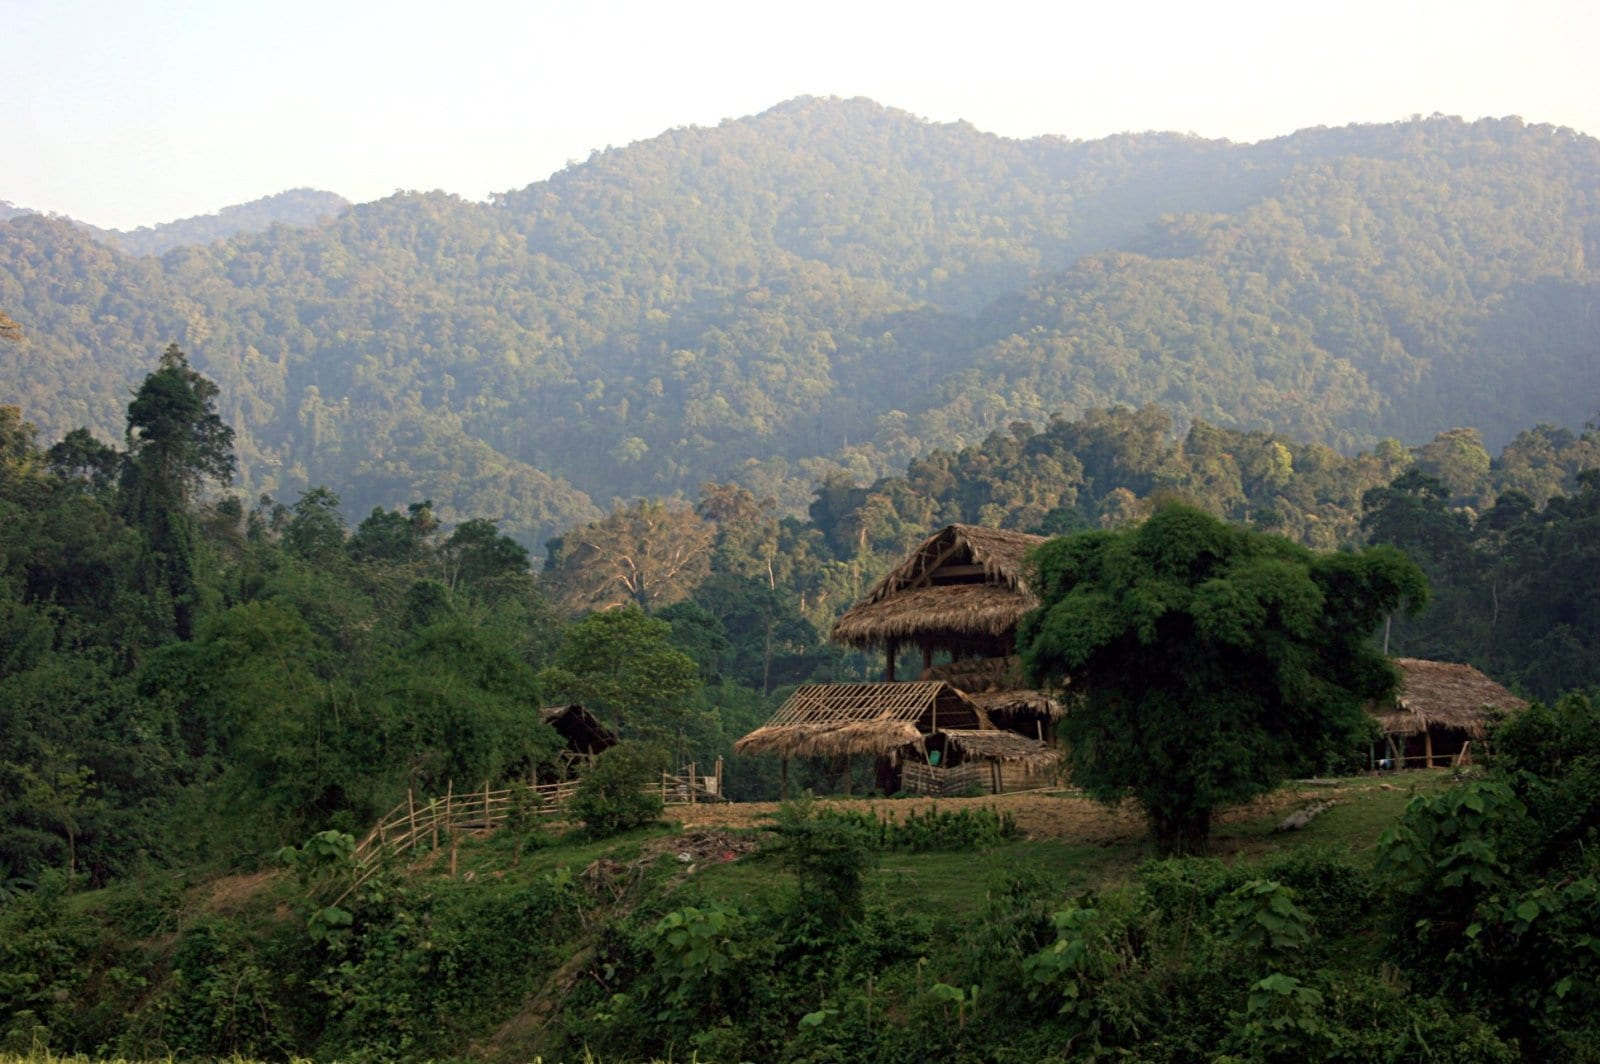 Phu Xai Lai Leng Mountain, Nghe An